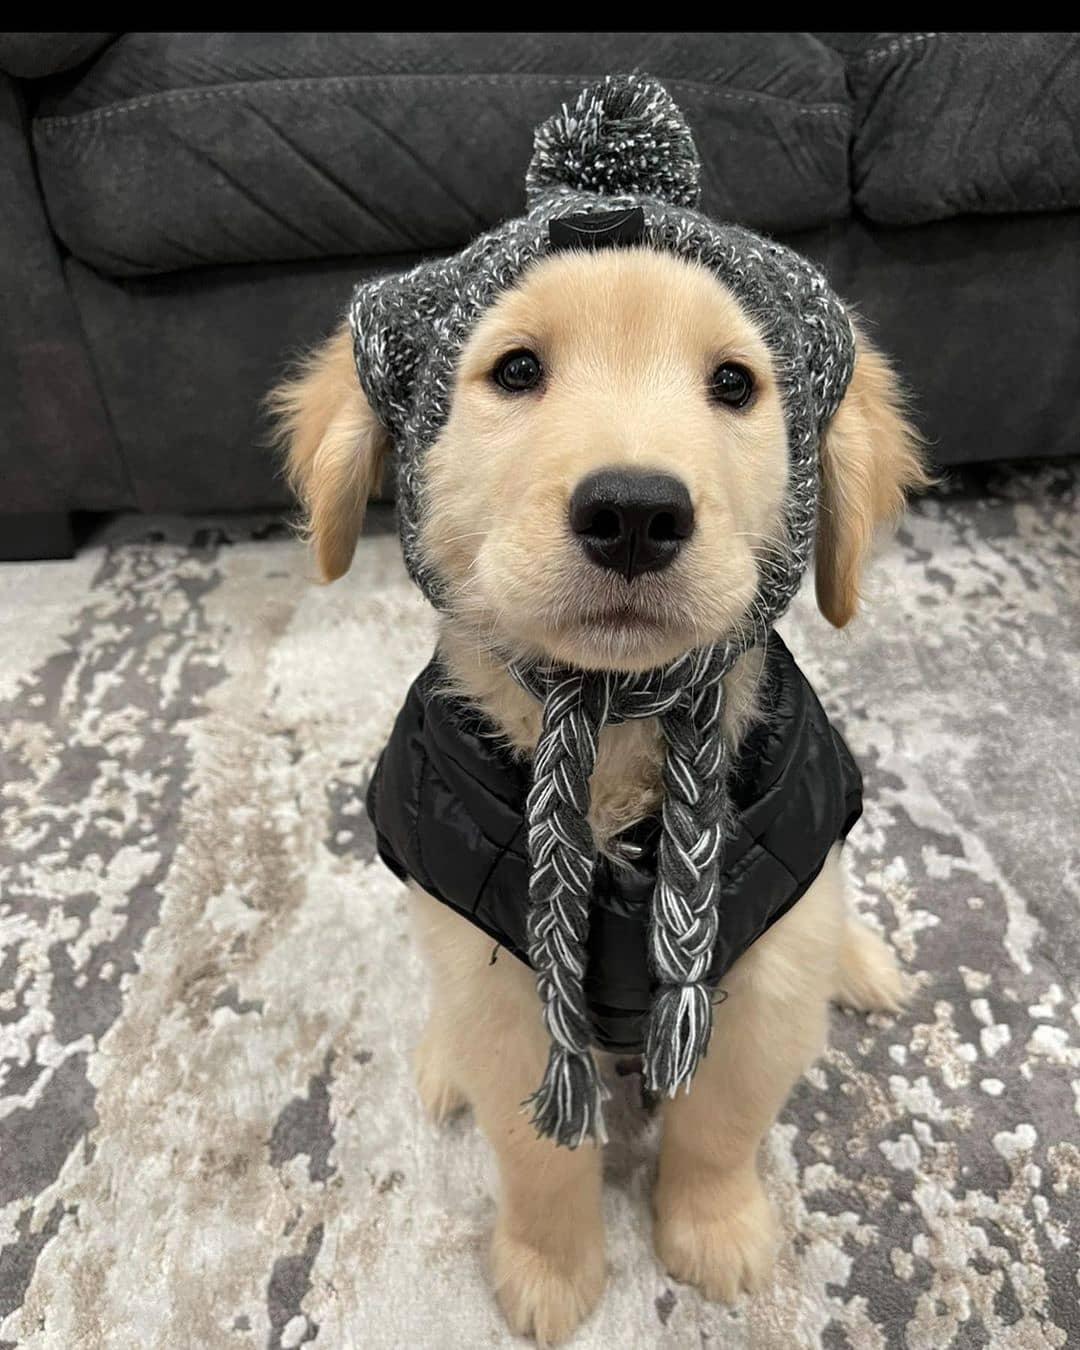 Các lưu ý khi nuôi chó Golden